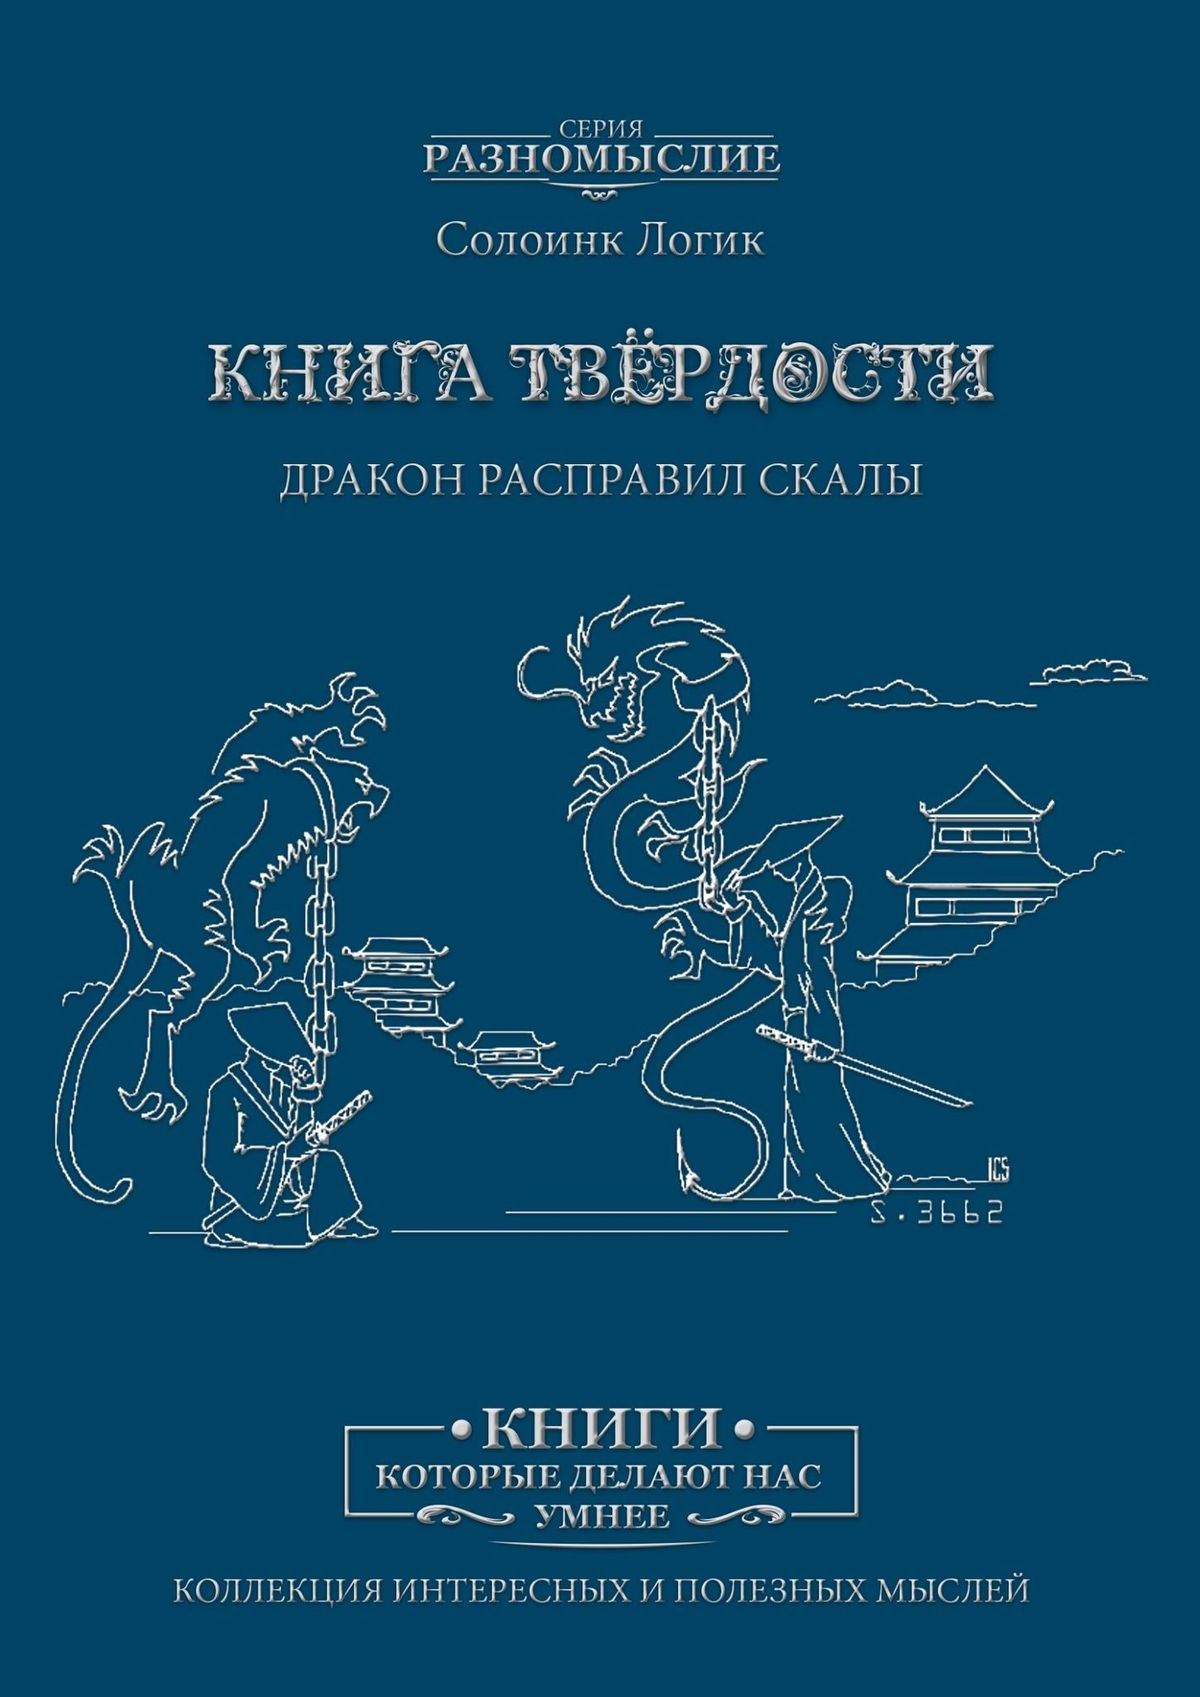 Обложка книги Книга твёрдости. Дракон расправил скалы